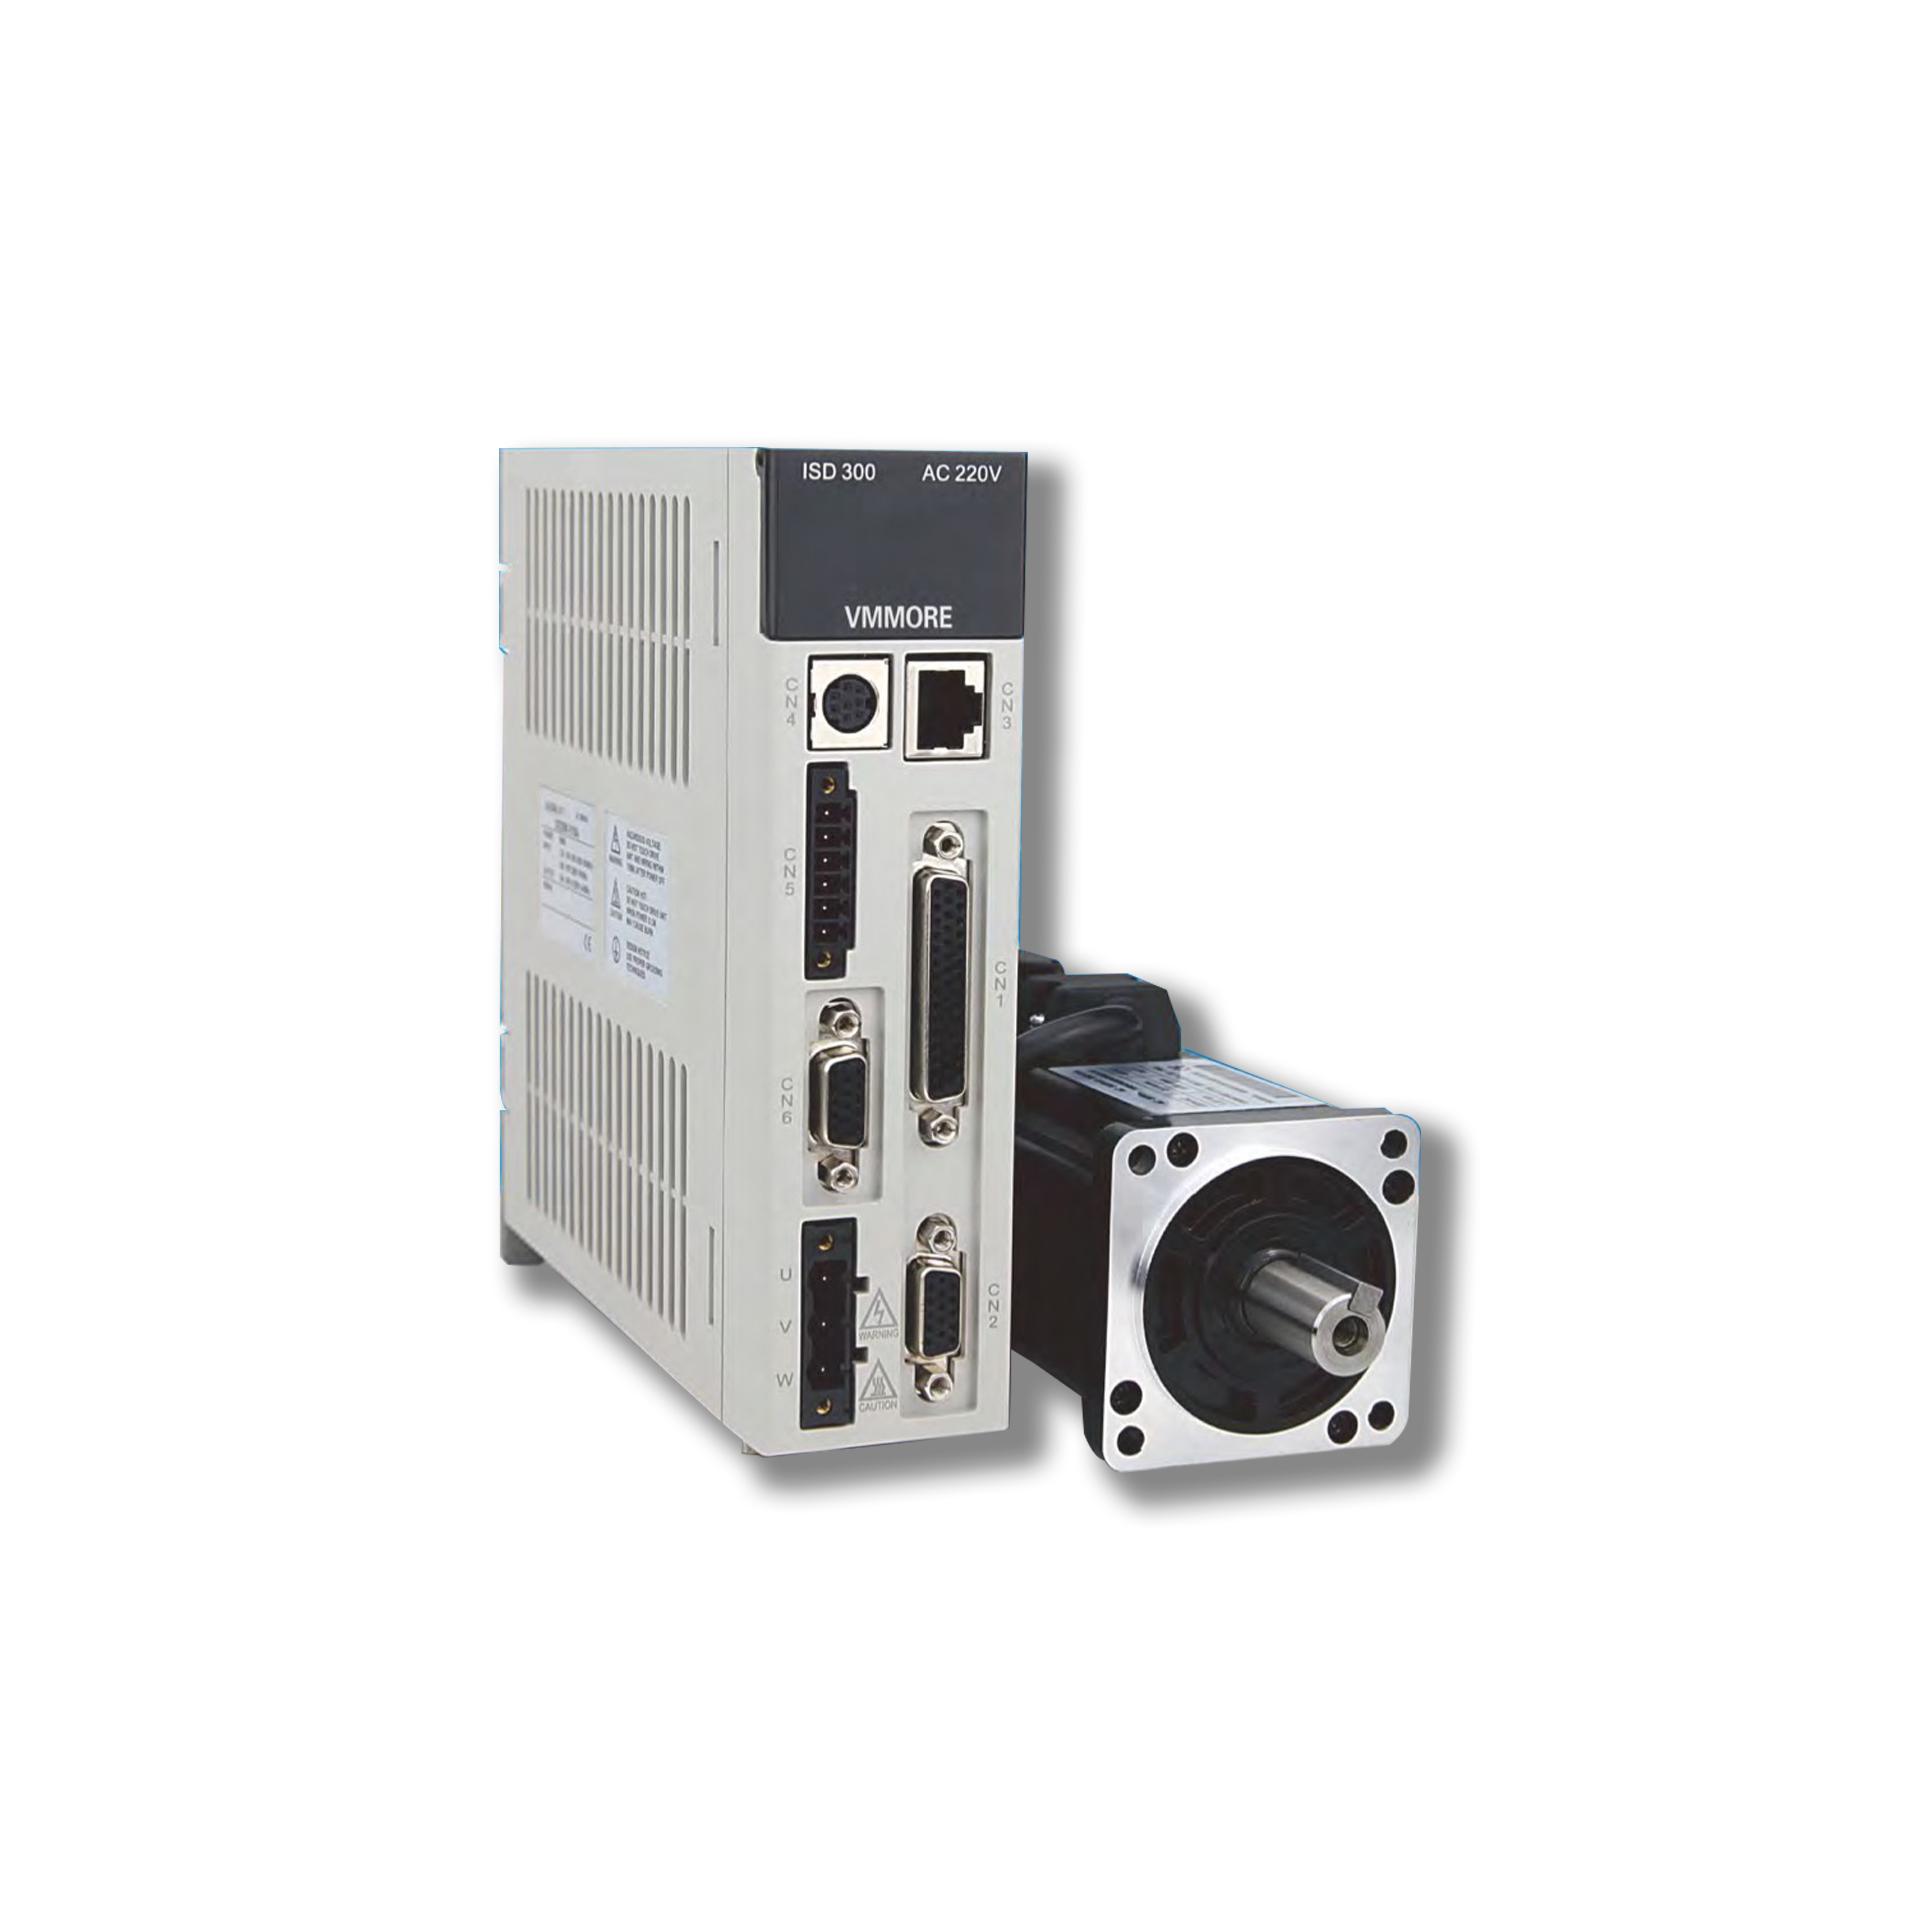 微秒300(N)系列交流伺服系统 AC servo system